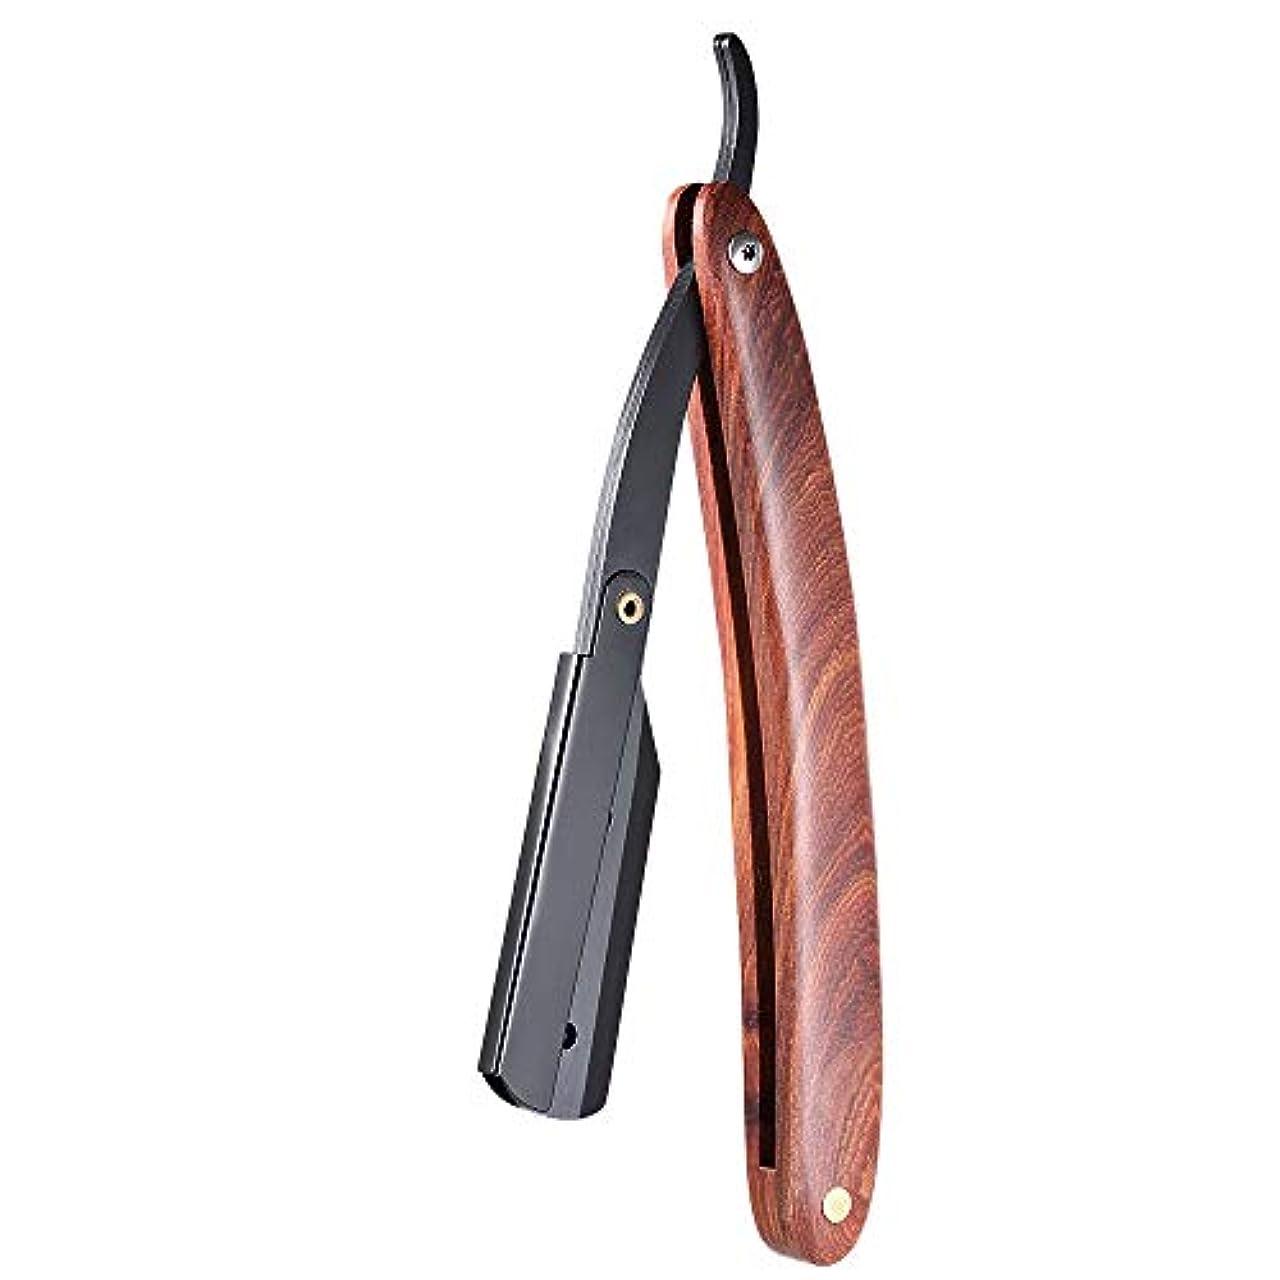 ファンブル私たちのものテザーMen Shaving Straight Edge Razor Stainless Steel Manual Razor Wooden Handle Folding Shaving Knife Shave Beard Cutter...